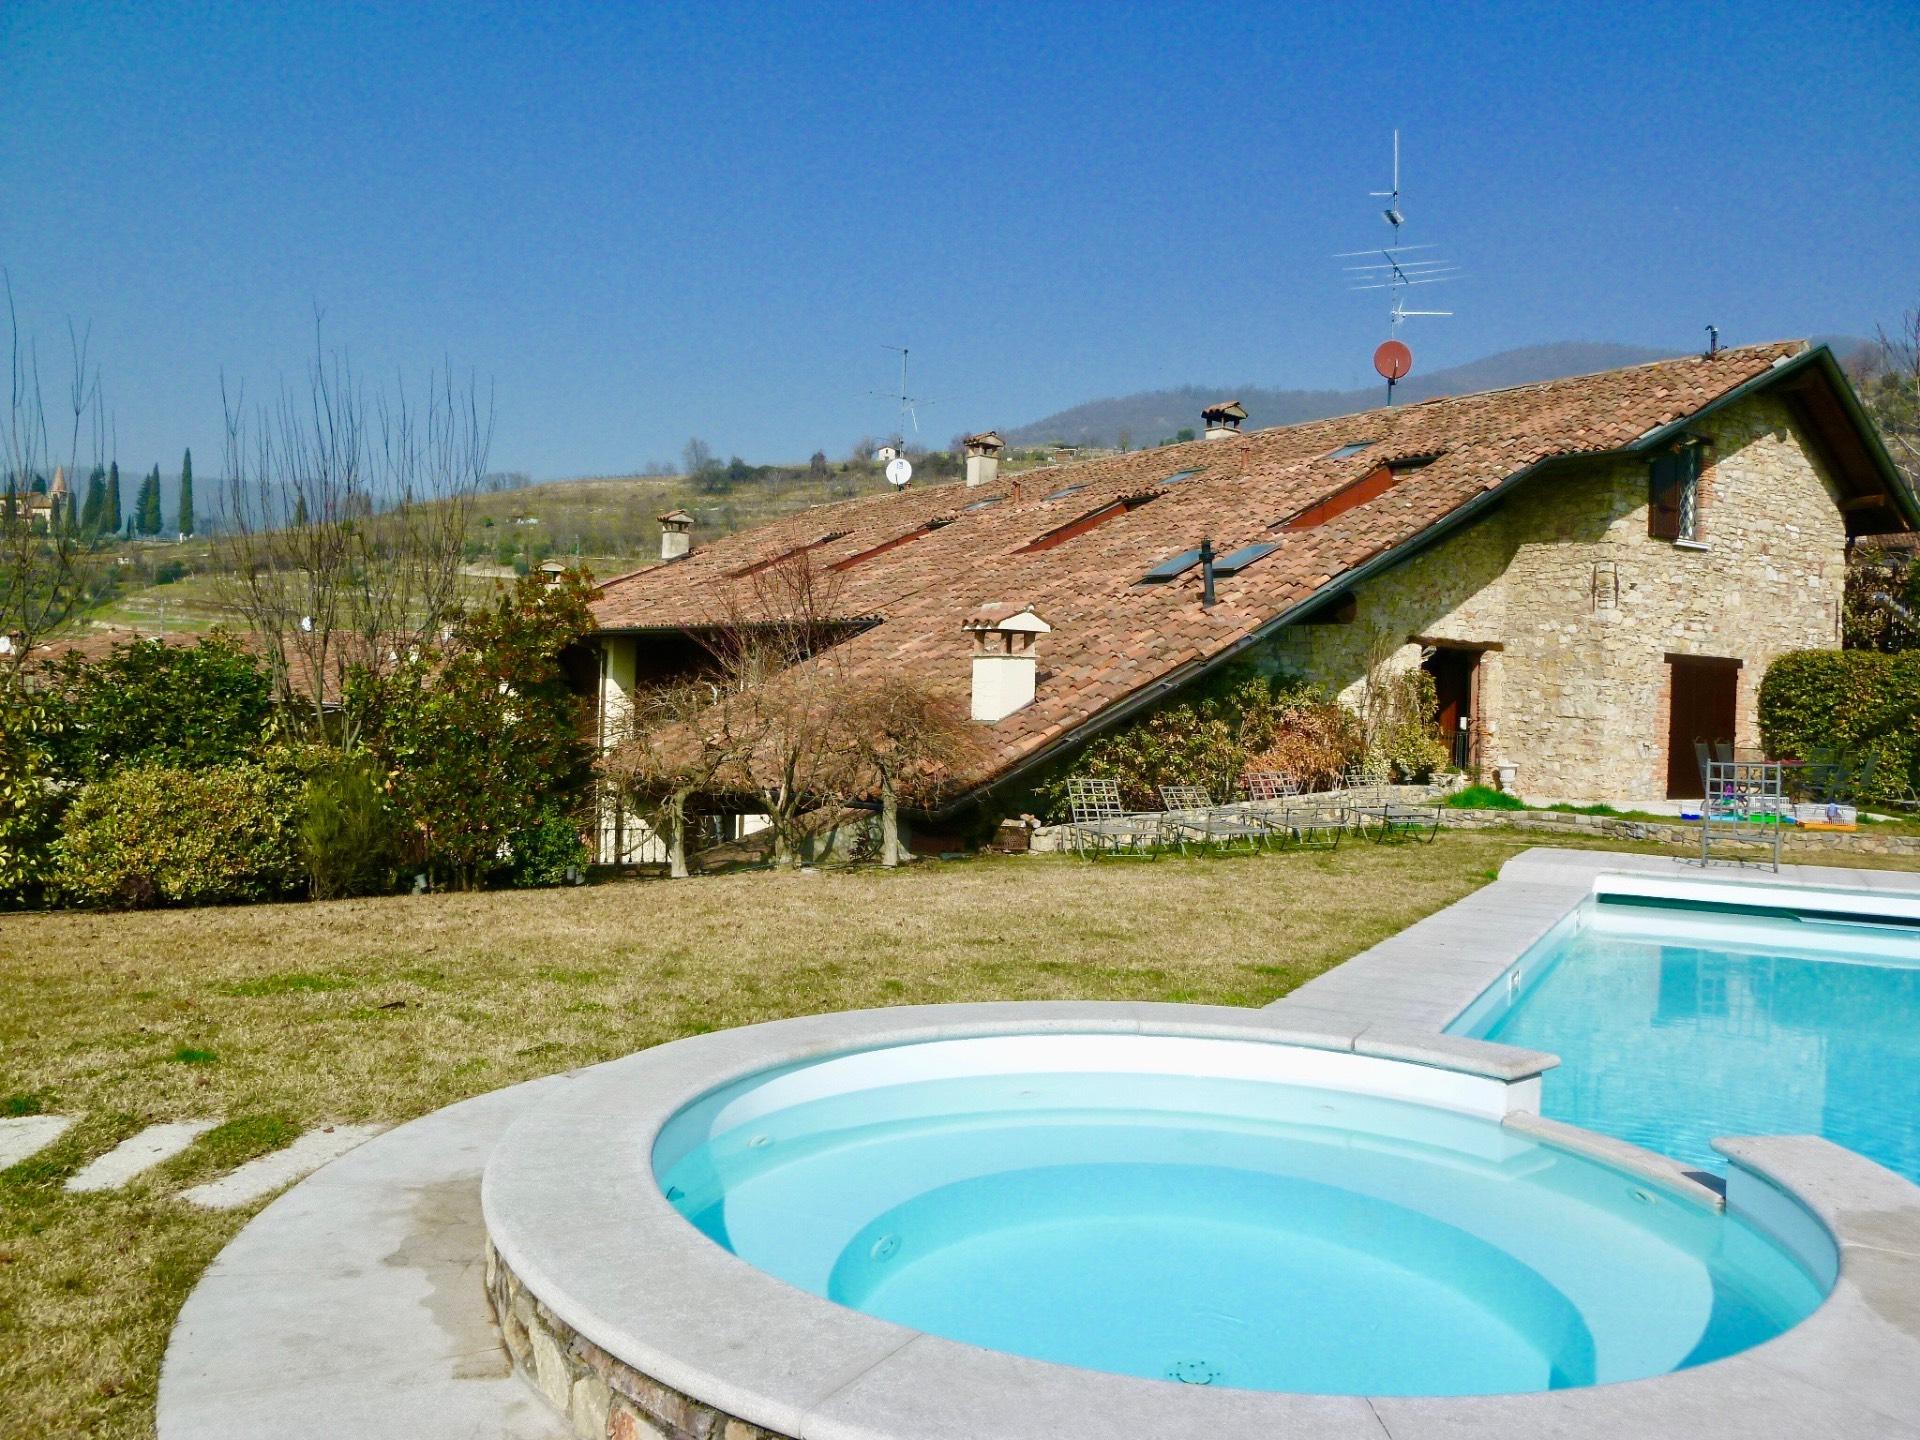 Appartamento in vendita a Gussago, 6 locali, zona Zona: Casaglio, prezzo € 1.900.000 | Cambio Casa.it